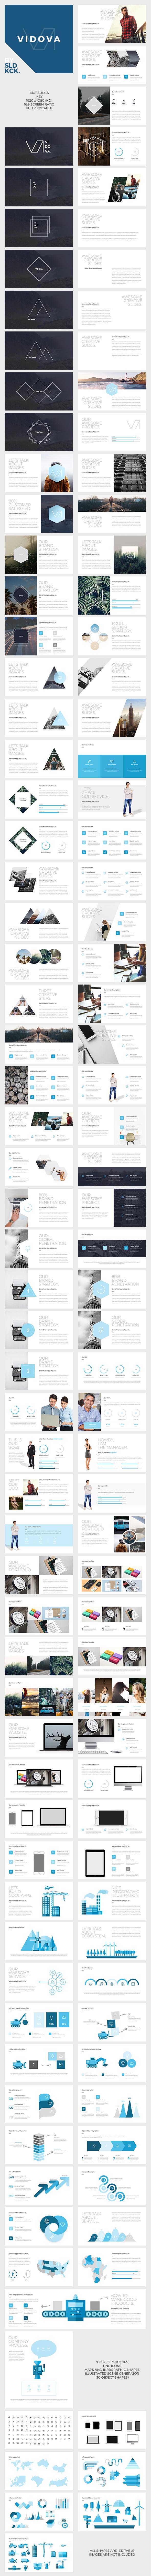 VIDOVA - Modern Keynote Presentation - Keynote Templates Presentation Templates